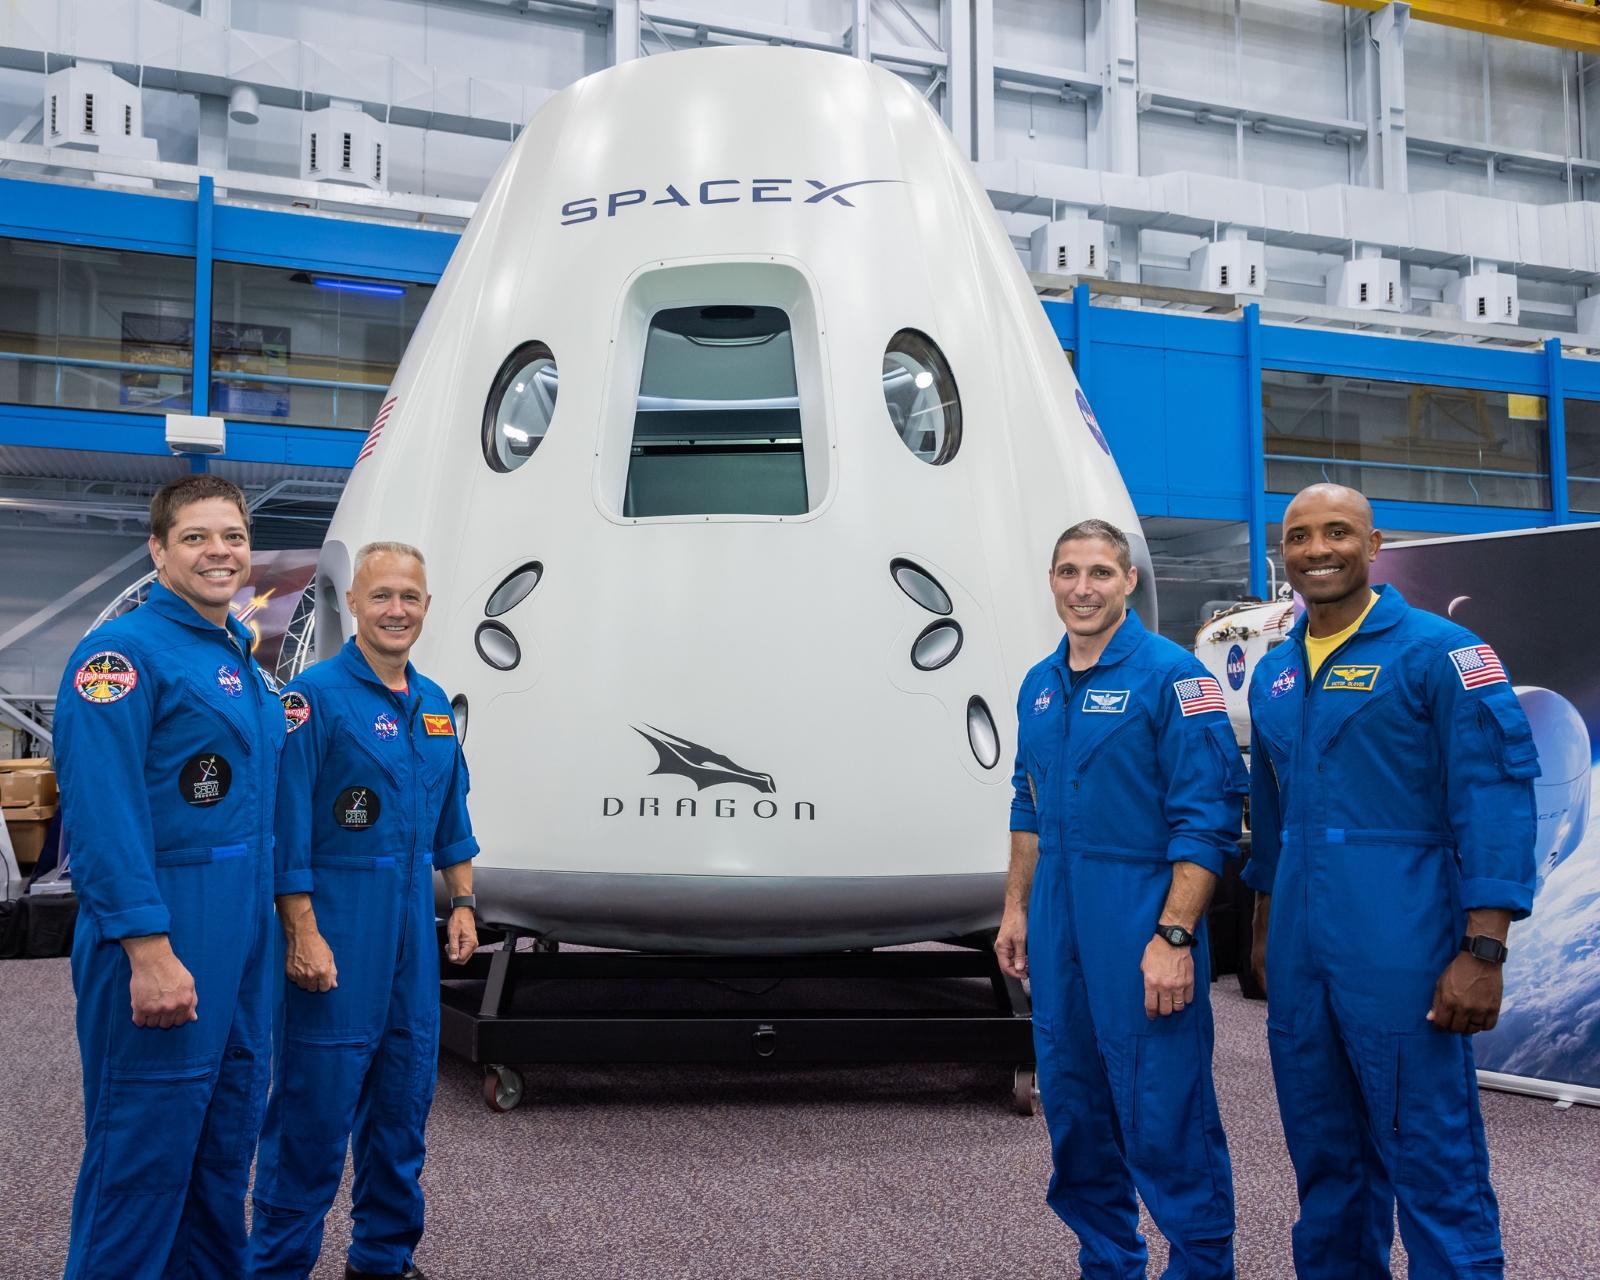 Čtyři astronauti, kteří se  příštích měsících proletí v lodi Crew Dragon